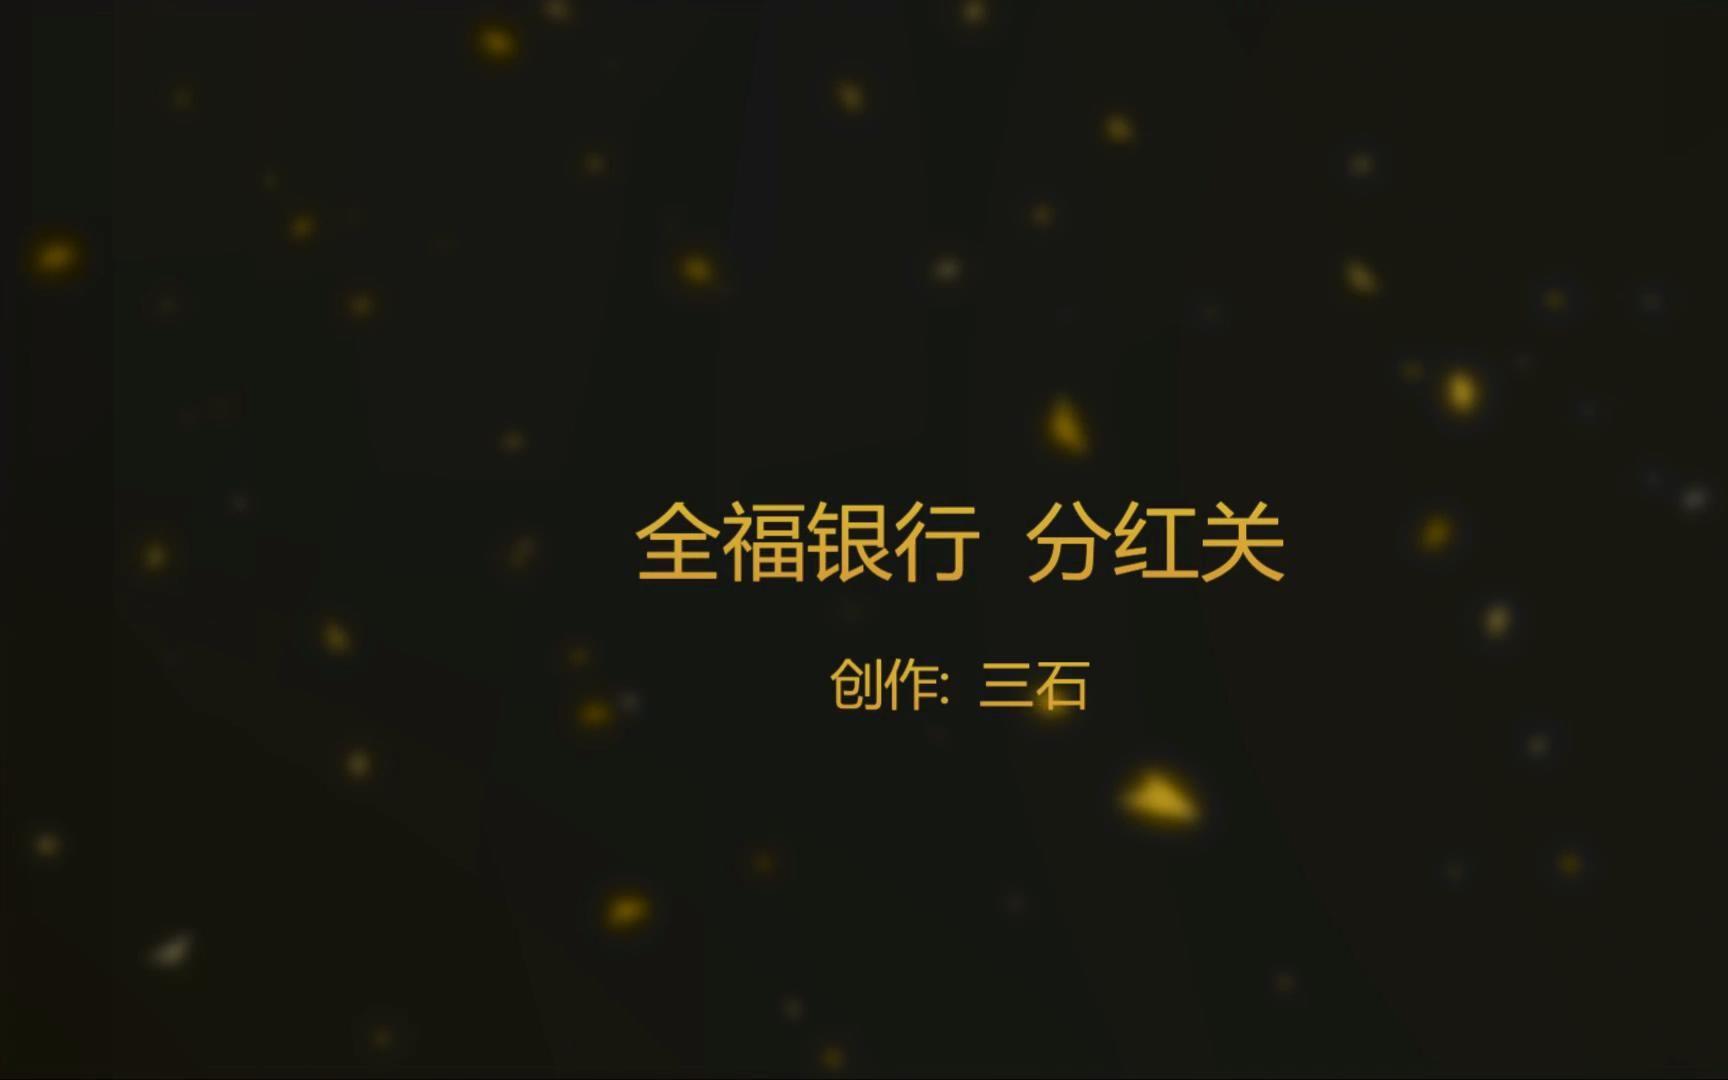 gta5全福银行流程解说视频分红关